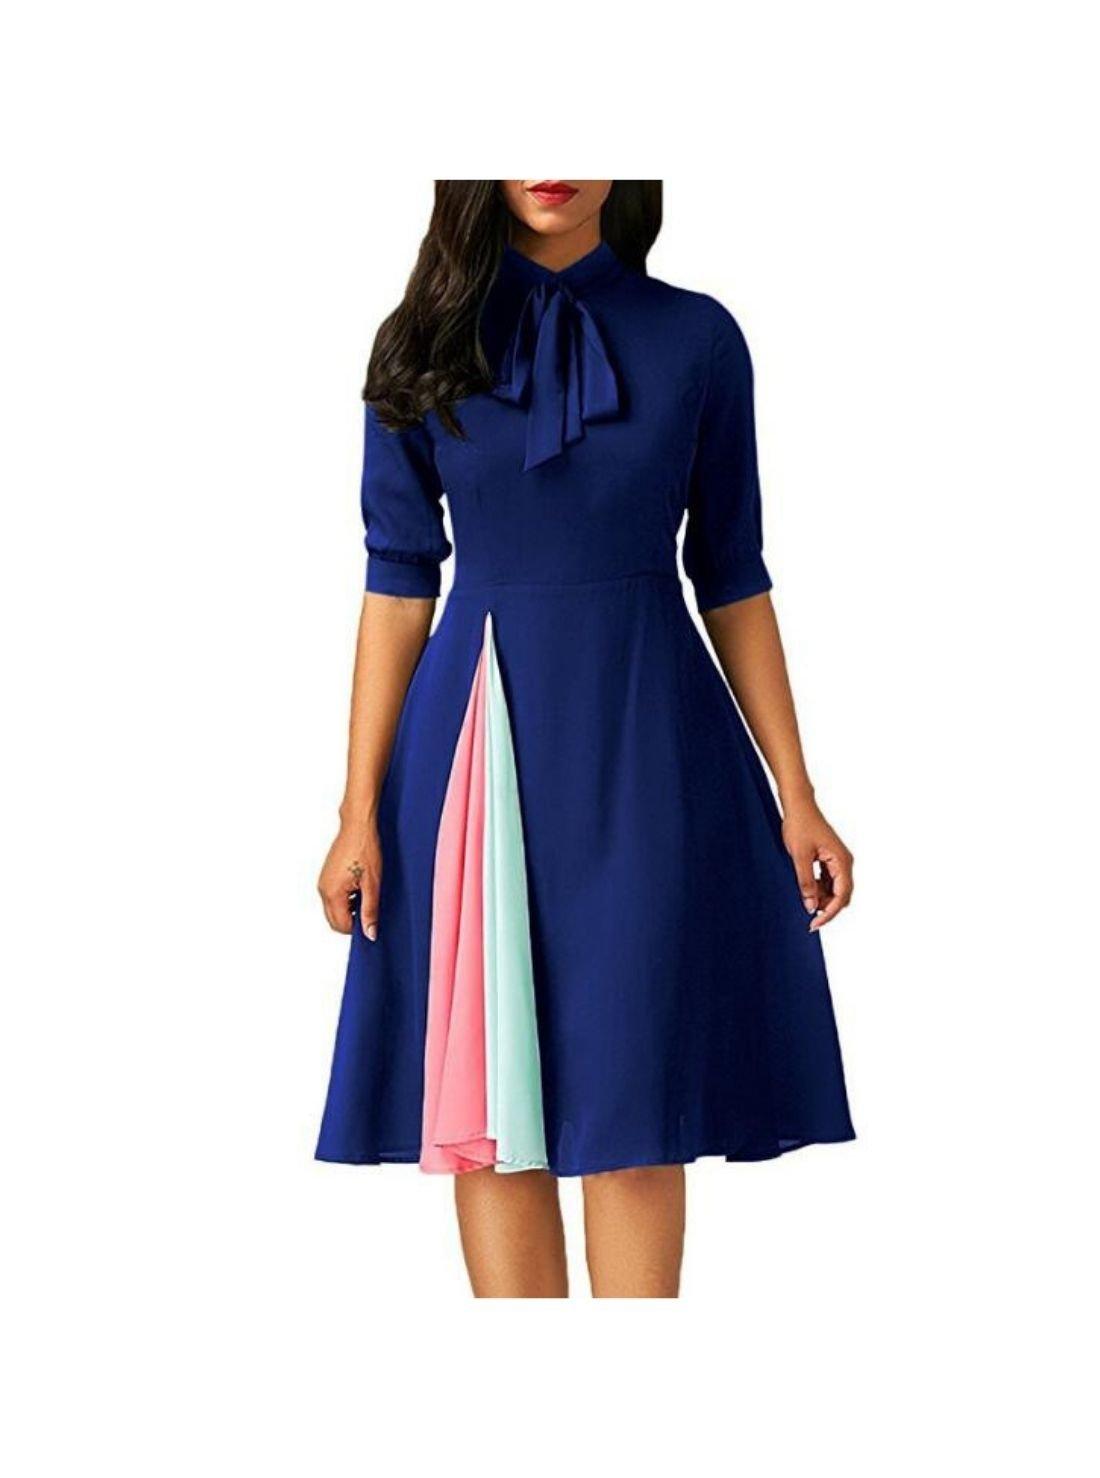 Wholesale Vintage Style A Line Bowknot Dress